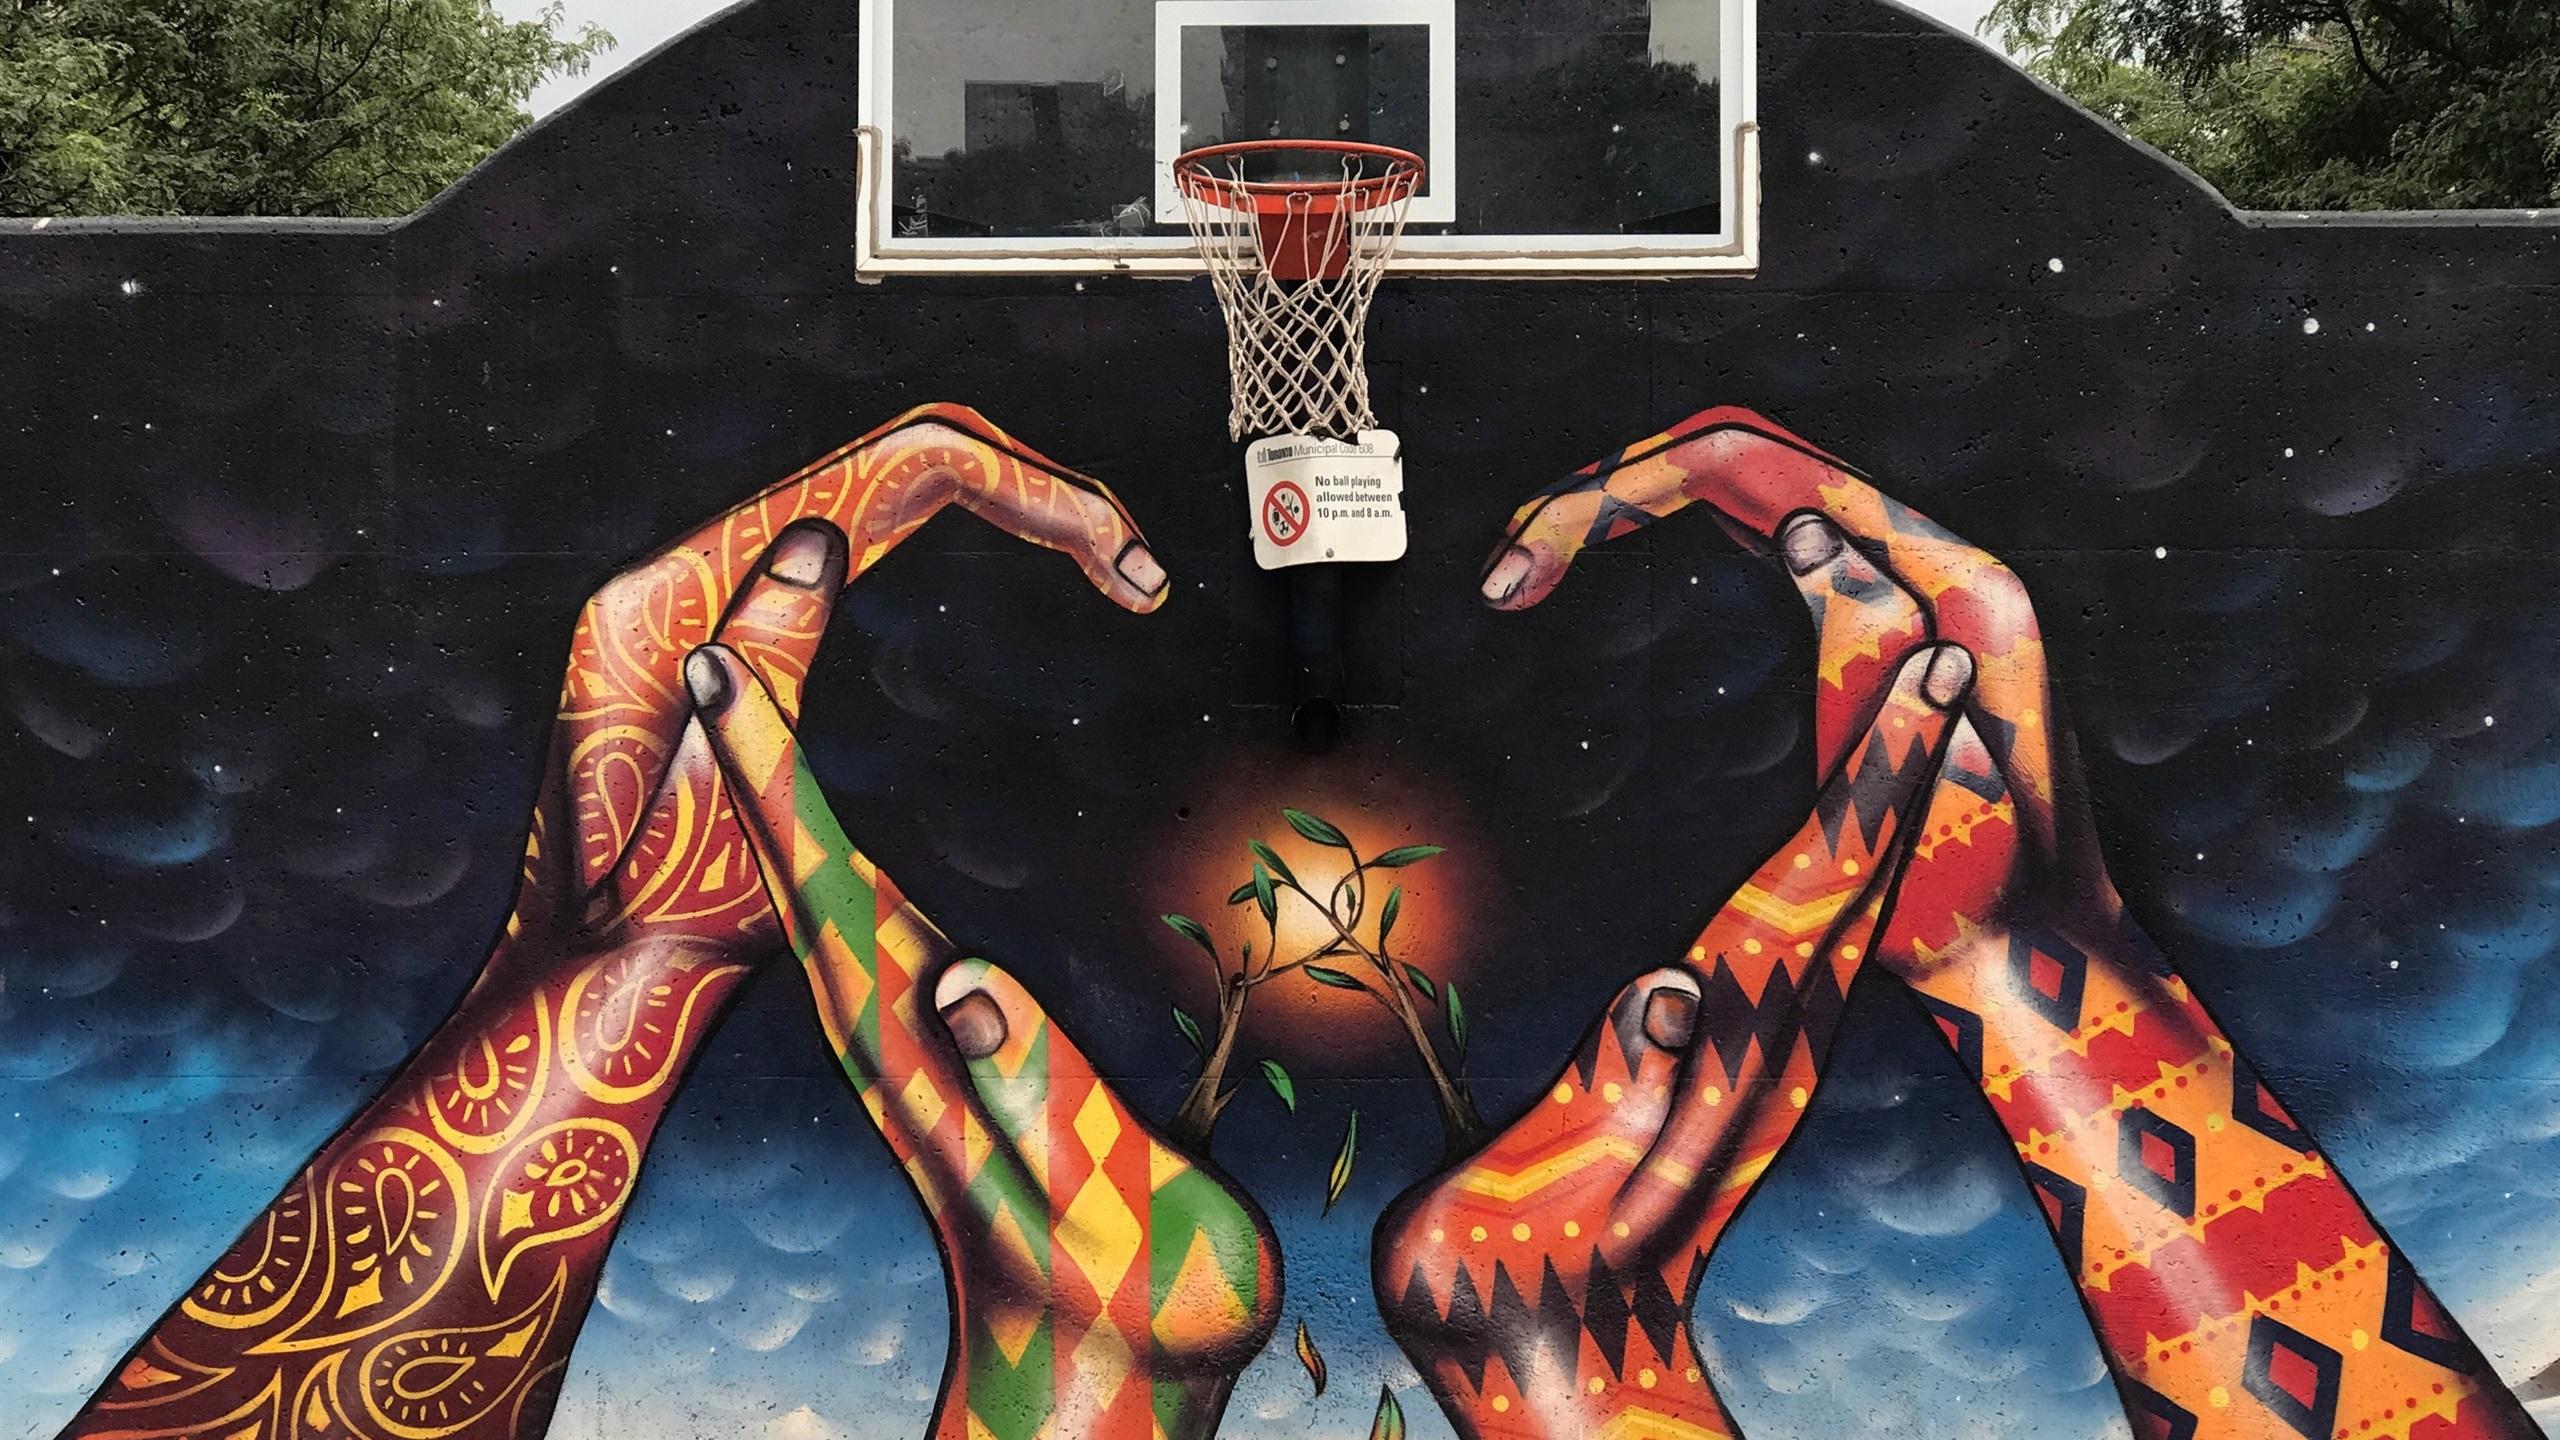 Graffiti Hands Basketball Net Creative 750x1334 Iphone 8